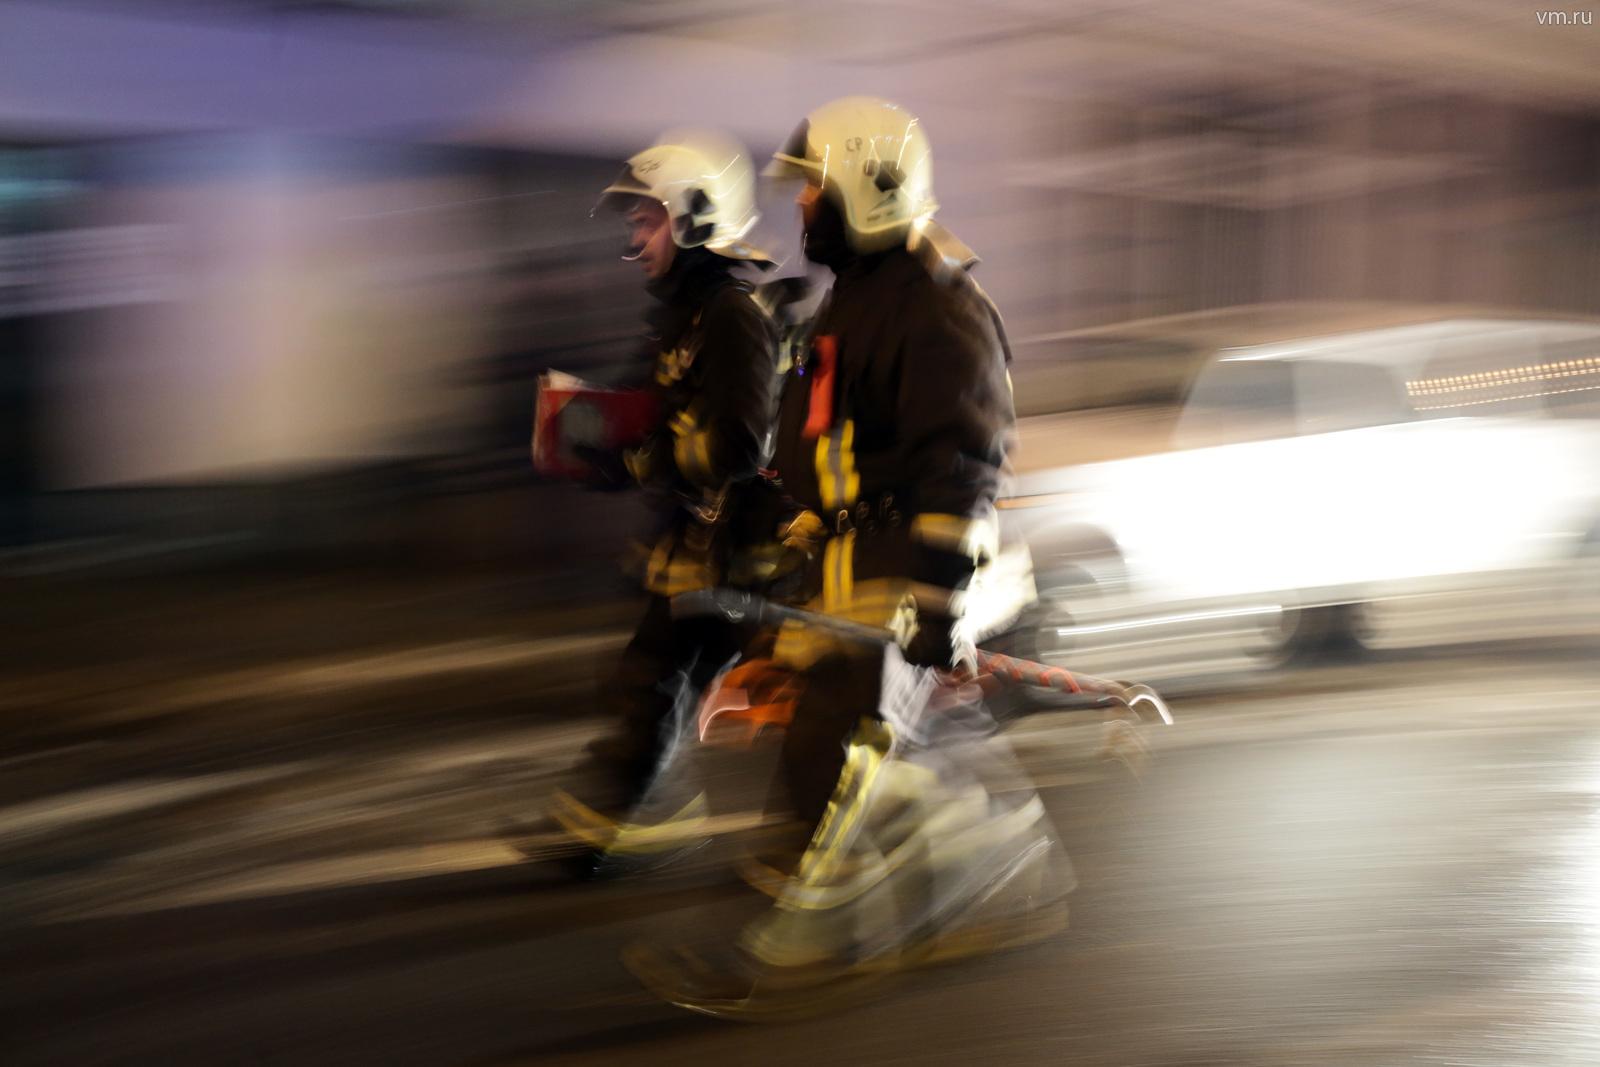 Торговый центр в Новой Москве эвакуировали из-за пожара